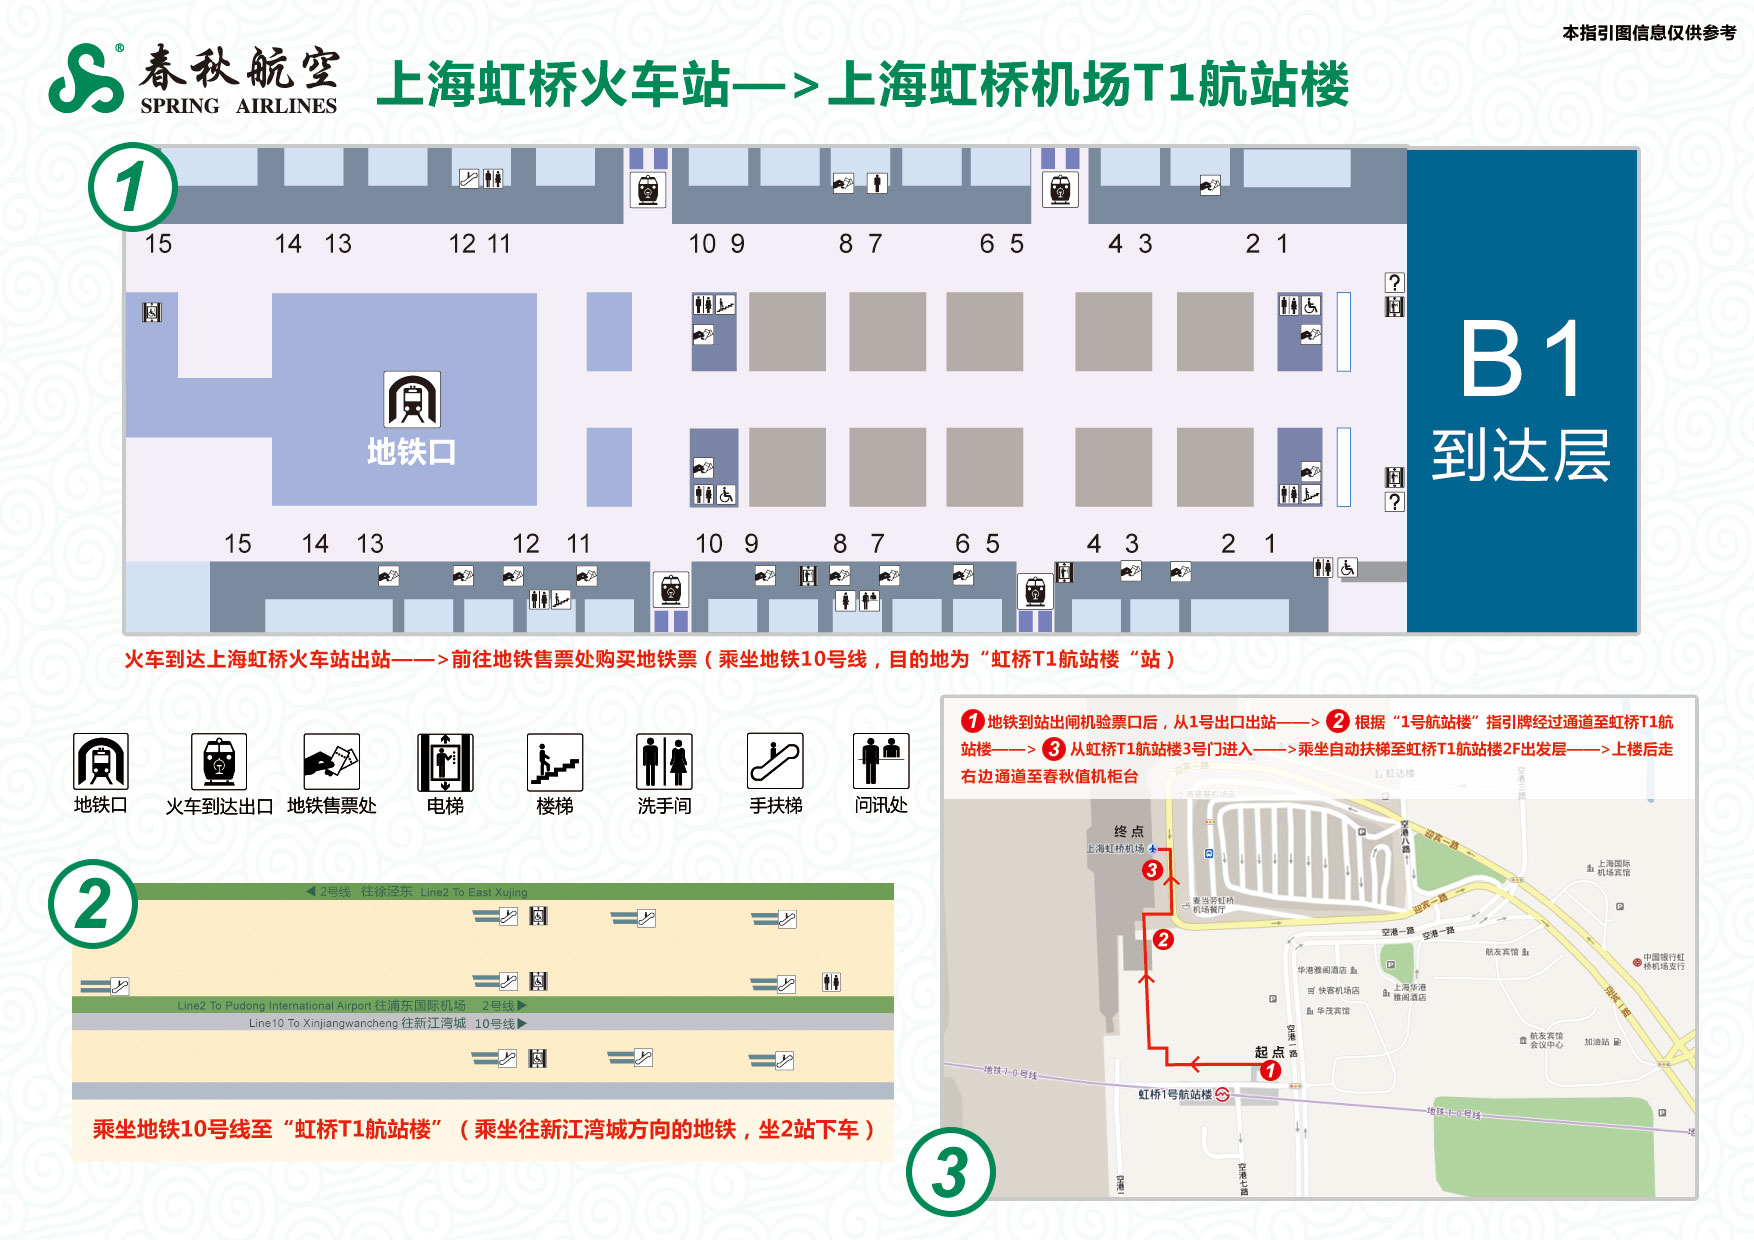 上海虹桥火车站至上海虹桥机场t1航站楼